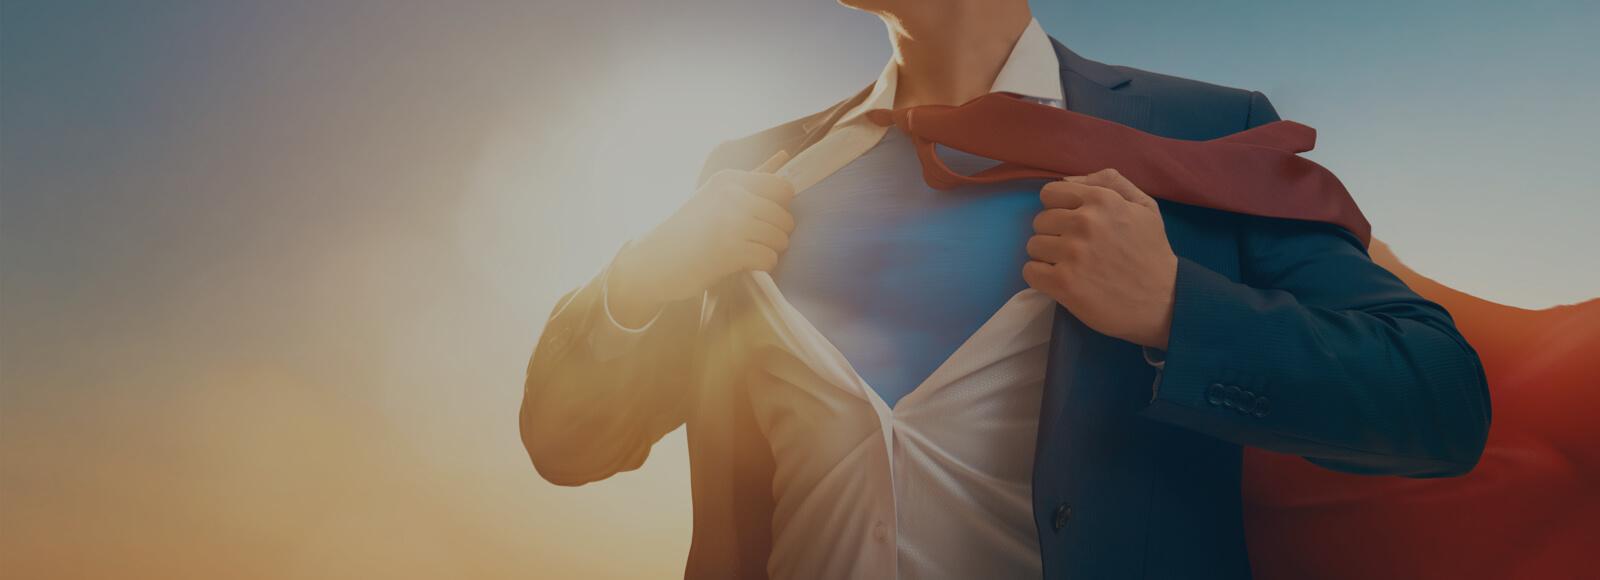 Superhero Bg